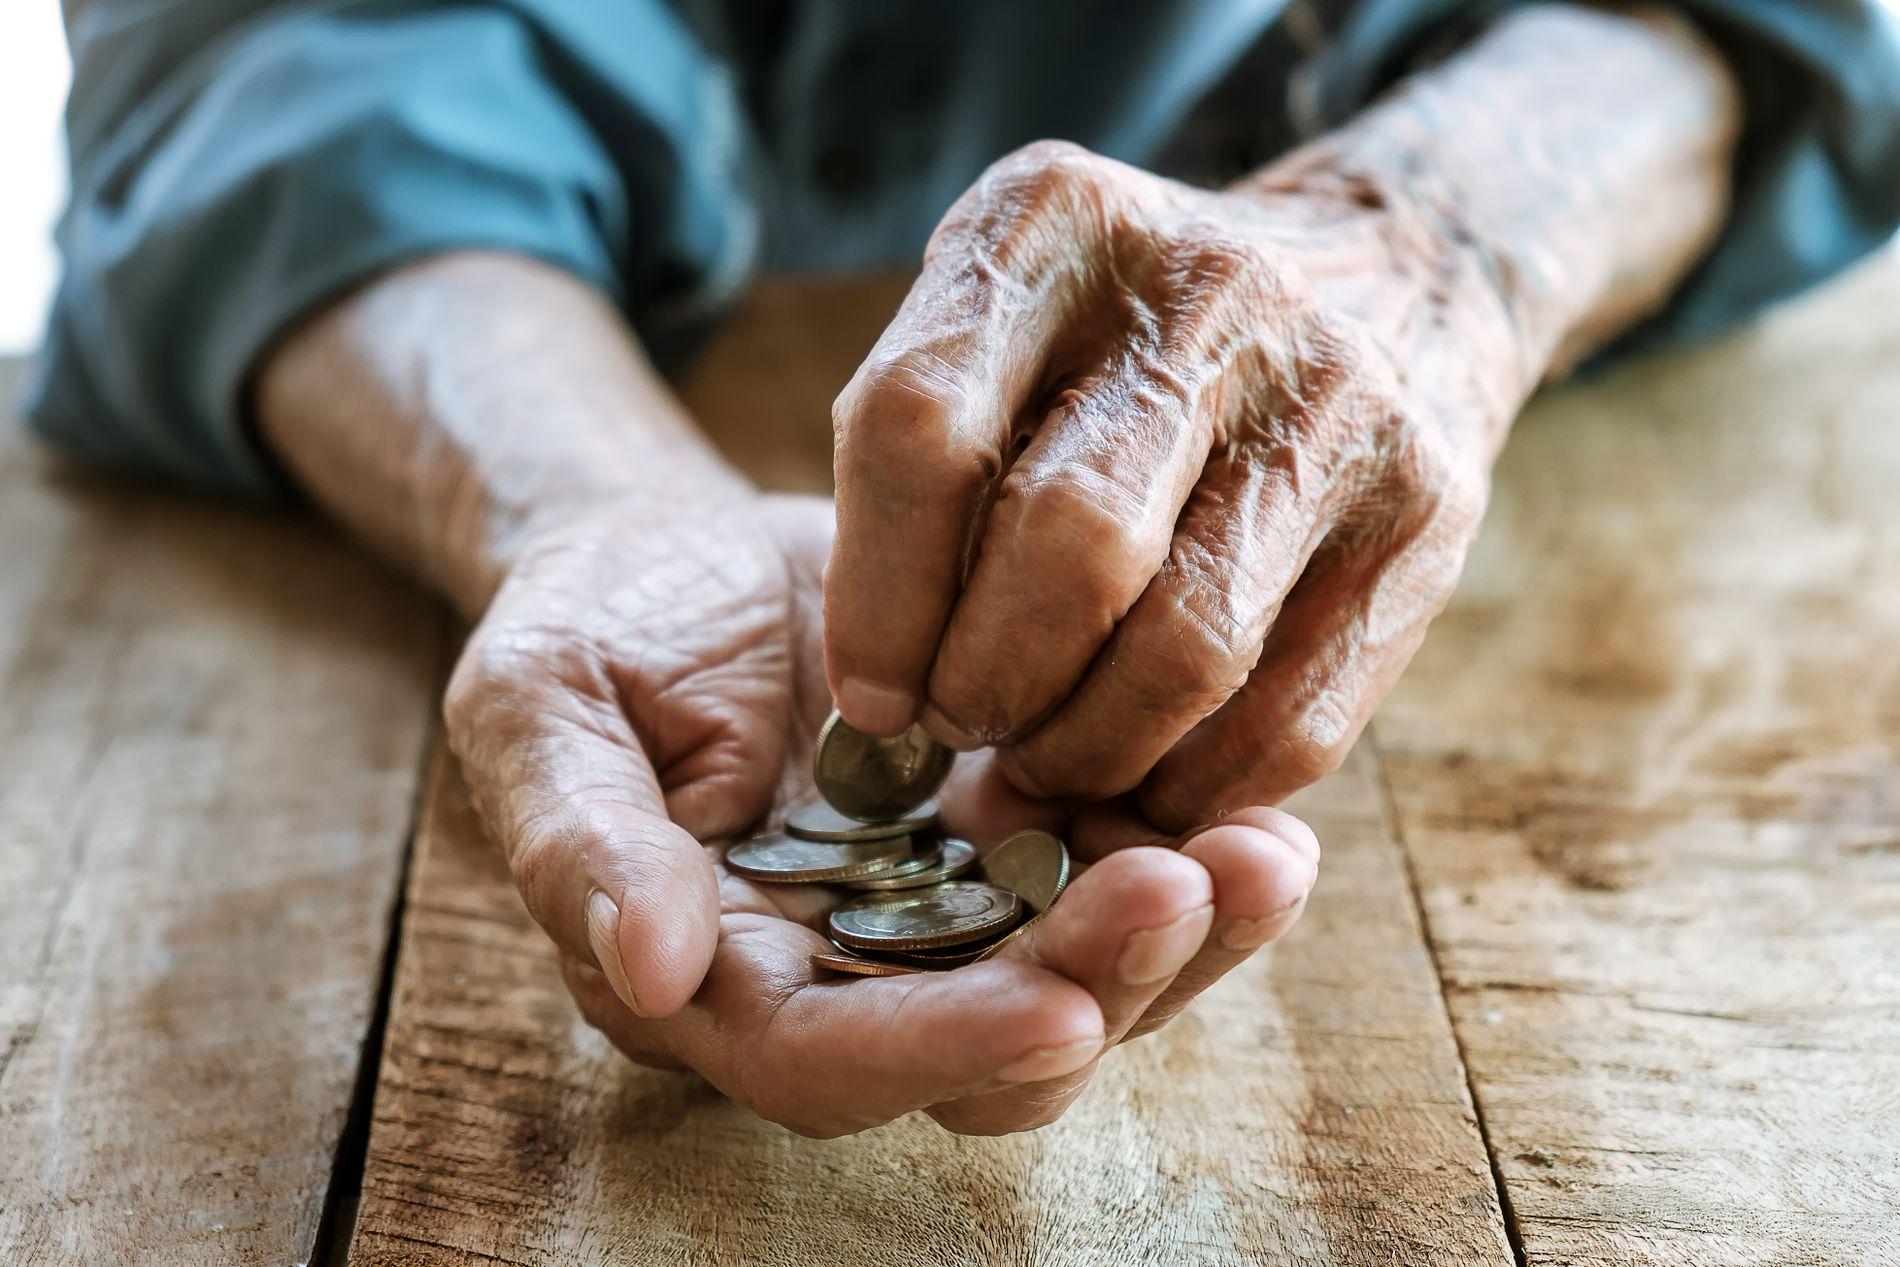 TRAGEDIE: Det er mange som Silver-kunder som ikke klarer å dekke sine økonomiske forpliktelser. Dette er en skjult tragedie for mange og trengs å løftes frem i lyset, spesielt når det er valgår i år, skriver innsender.